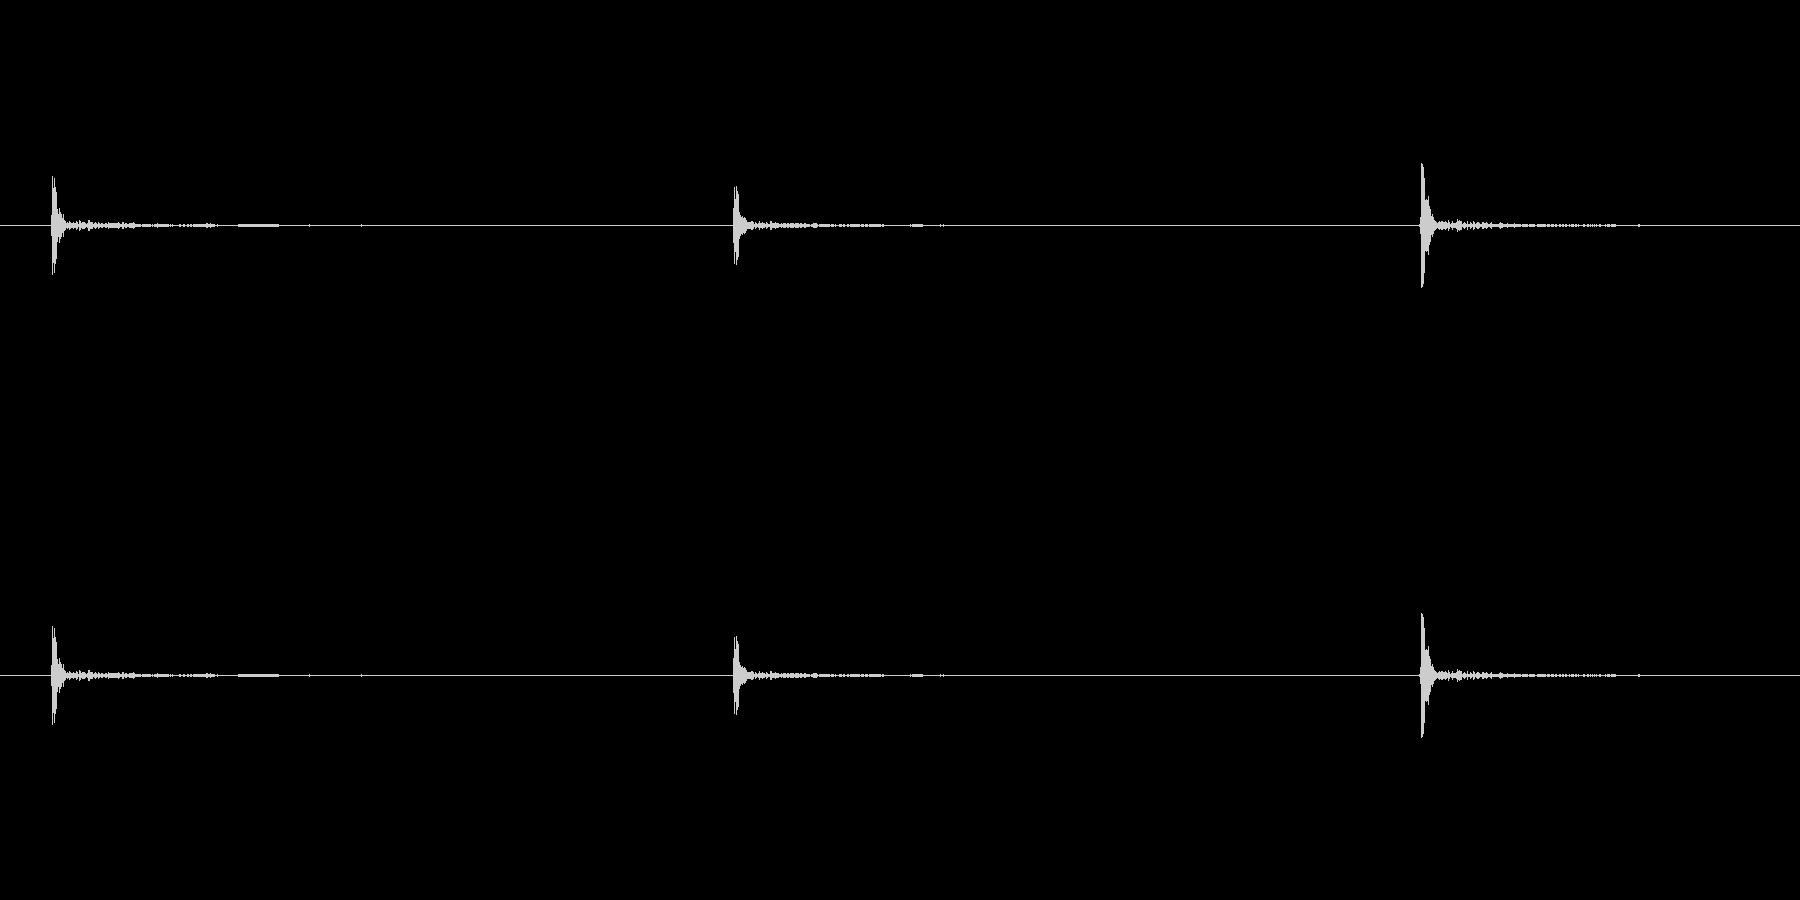 ノック、コンコンコン、足音(高い)の未再生の波形